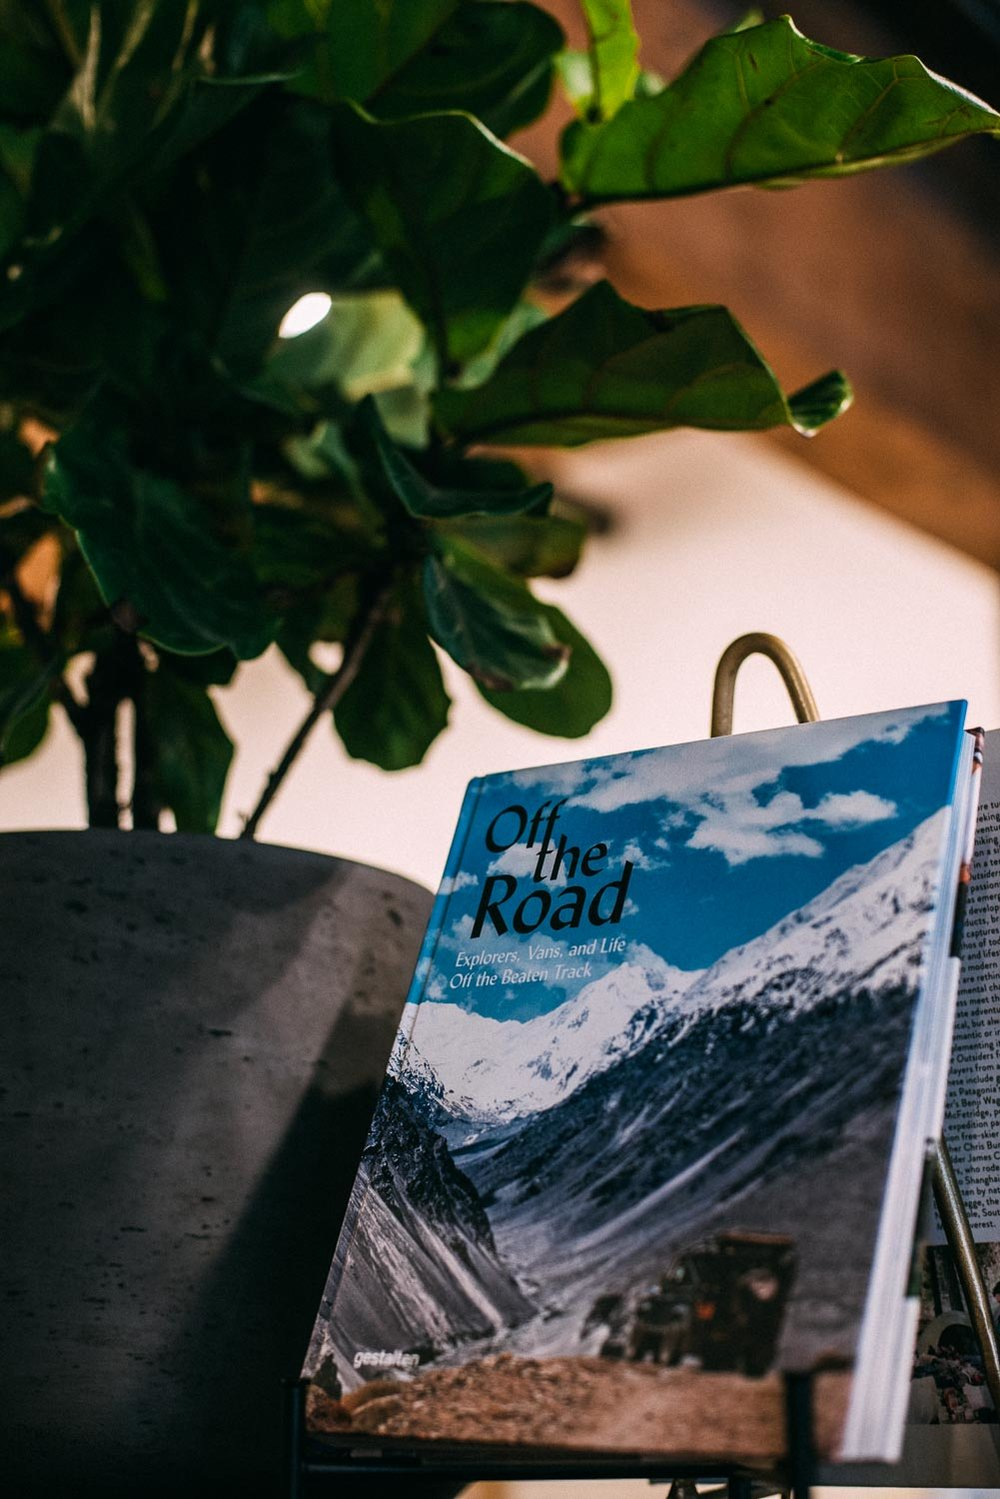 En shopping guide till dig som vill hitta annorlunda butiker att besöka i Seattle med en mix av second hand och nya föremål, affären Glasswing är en av dessa.